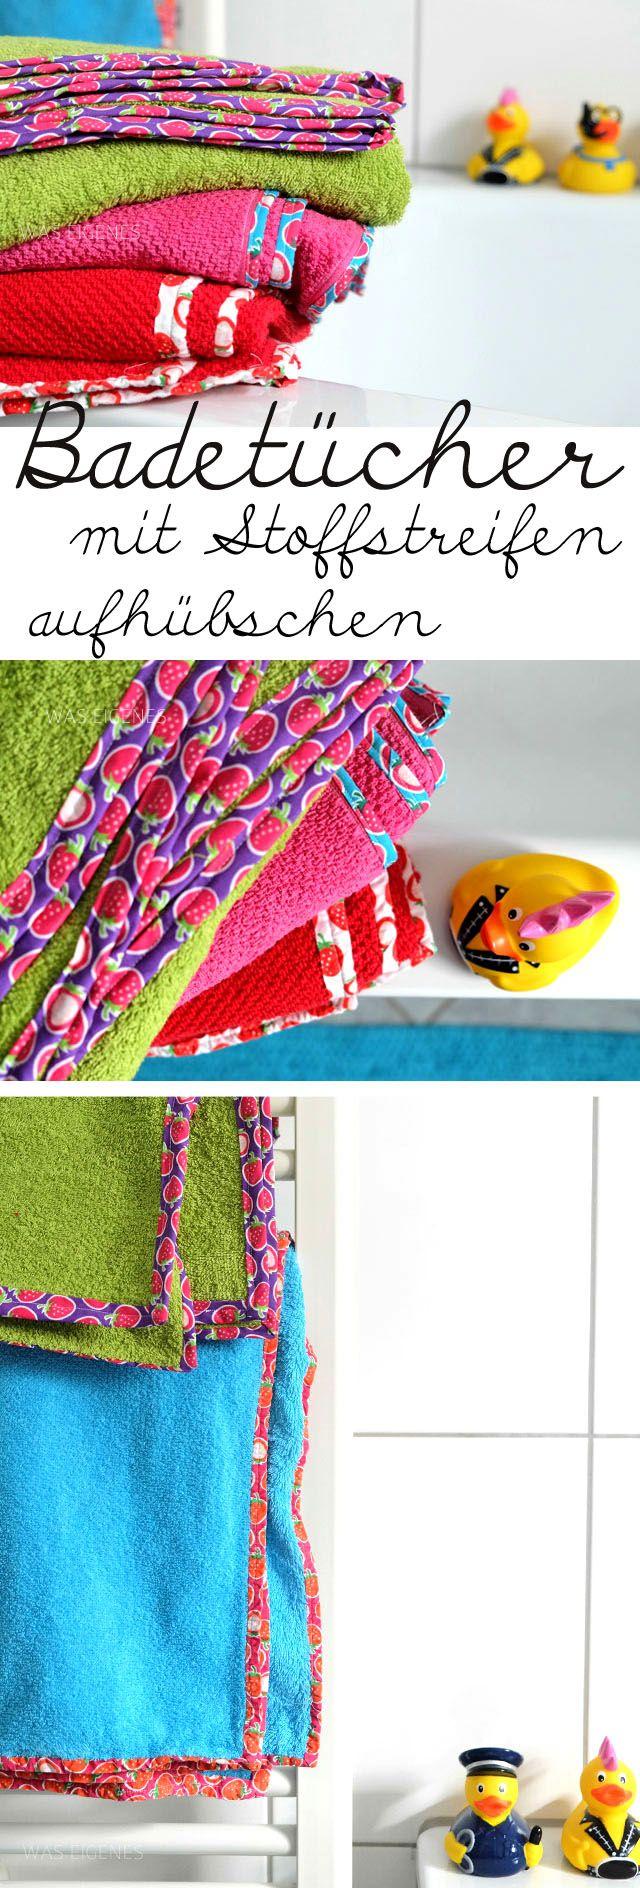 Handtücher oder Badetücher mit bunten Stoffstreifen aufhübschen | waseigenes.com